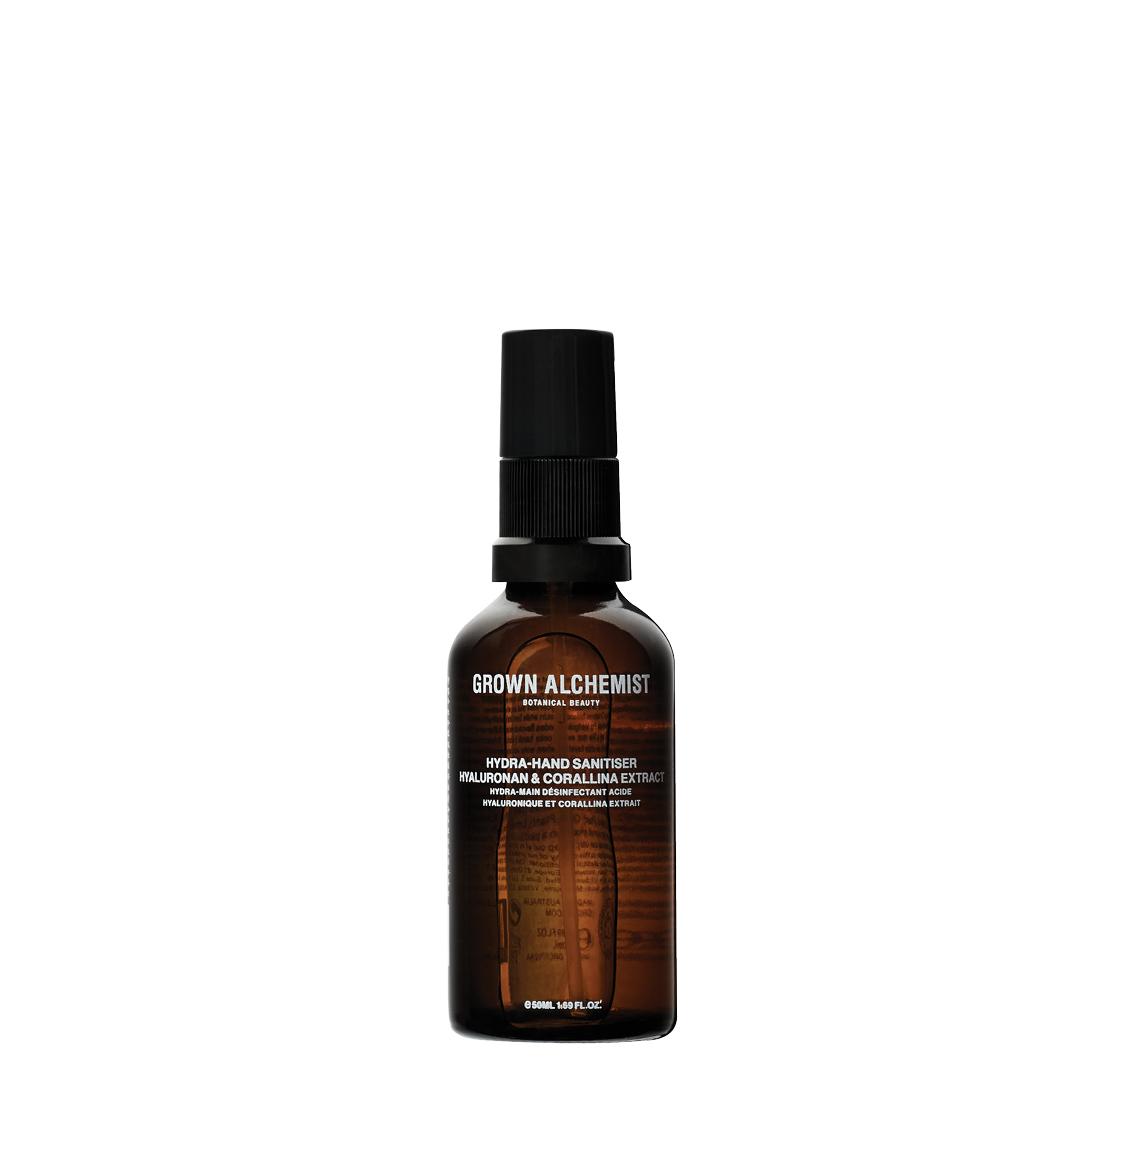 Grown Alchemist Hydra-Hand Sanitizer 50ml